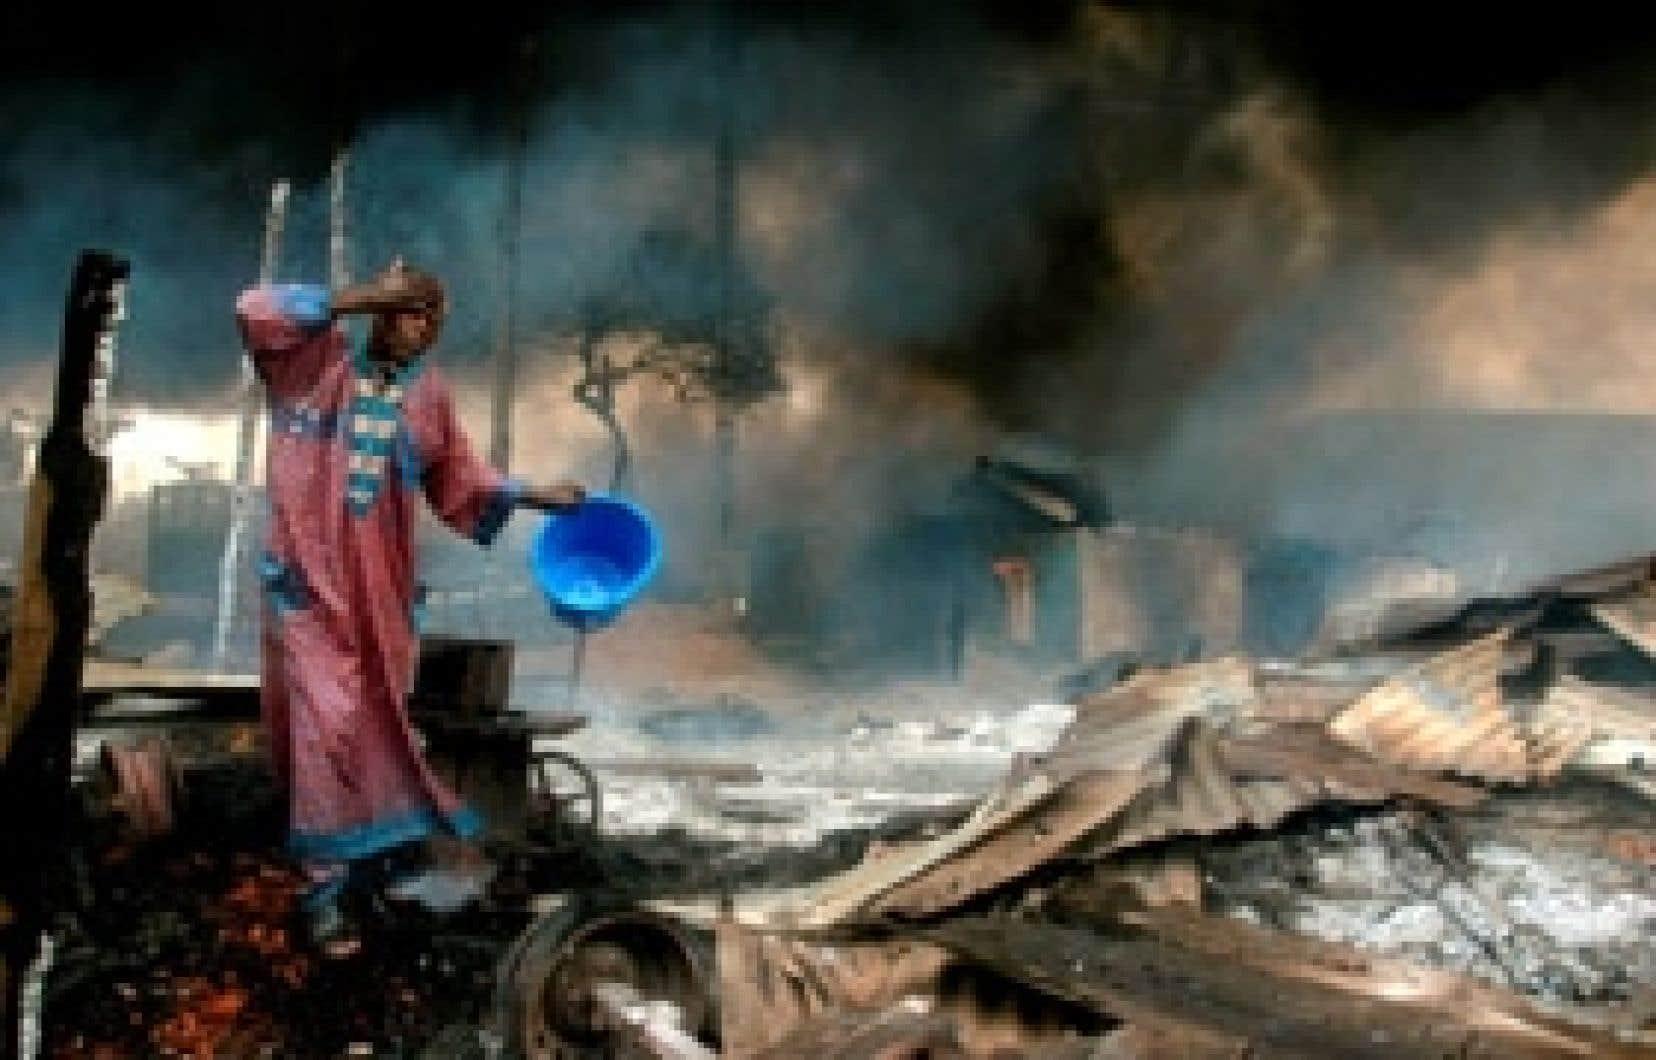 Cette extraordinaire photo a été prise par Akintunde Akinleye pour l'agence Reuters, lors de l'explosion d'un pipeline de pétrole à Lagos en décembre. Non seulement est-il rare qu'un photographe africain remporte un prix lors du World Press